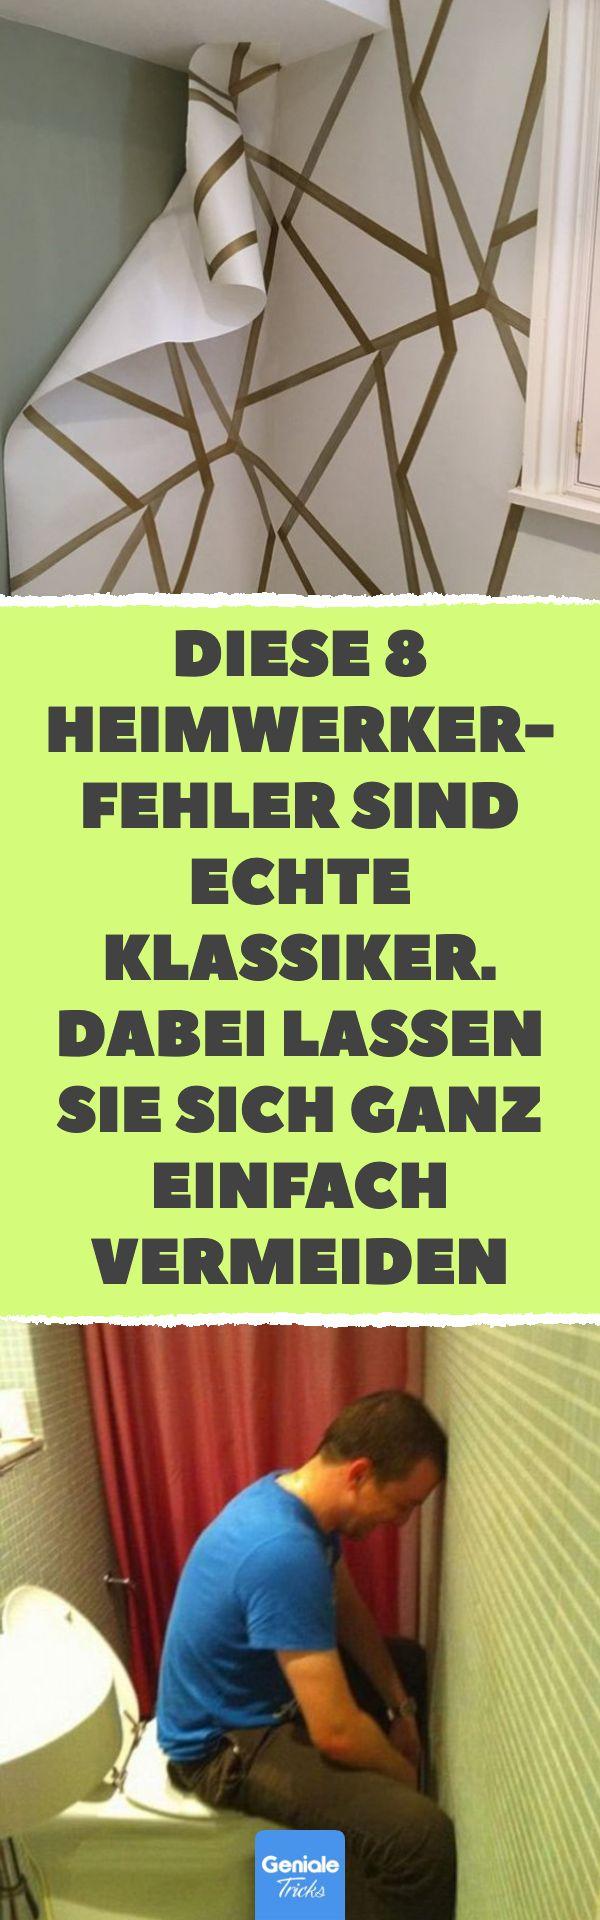 Diese 8 Heimwerker-Fehler sind echte Klassiker. Dabei lassen sie sich ganz einfach vermeiden 8 häufige Heimwerker-Fehler #Tapezieren #Fliesen #Bohren #Wand #Streichen #Fehler